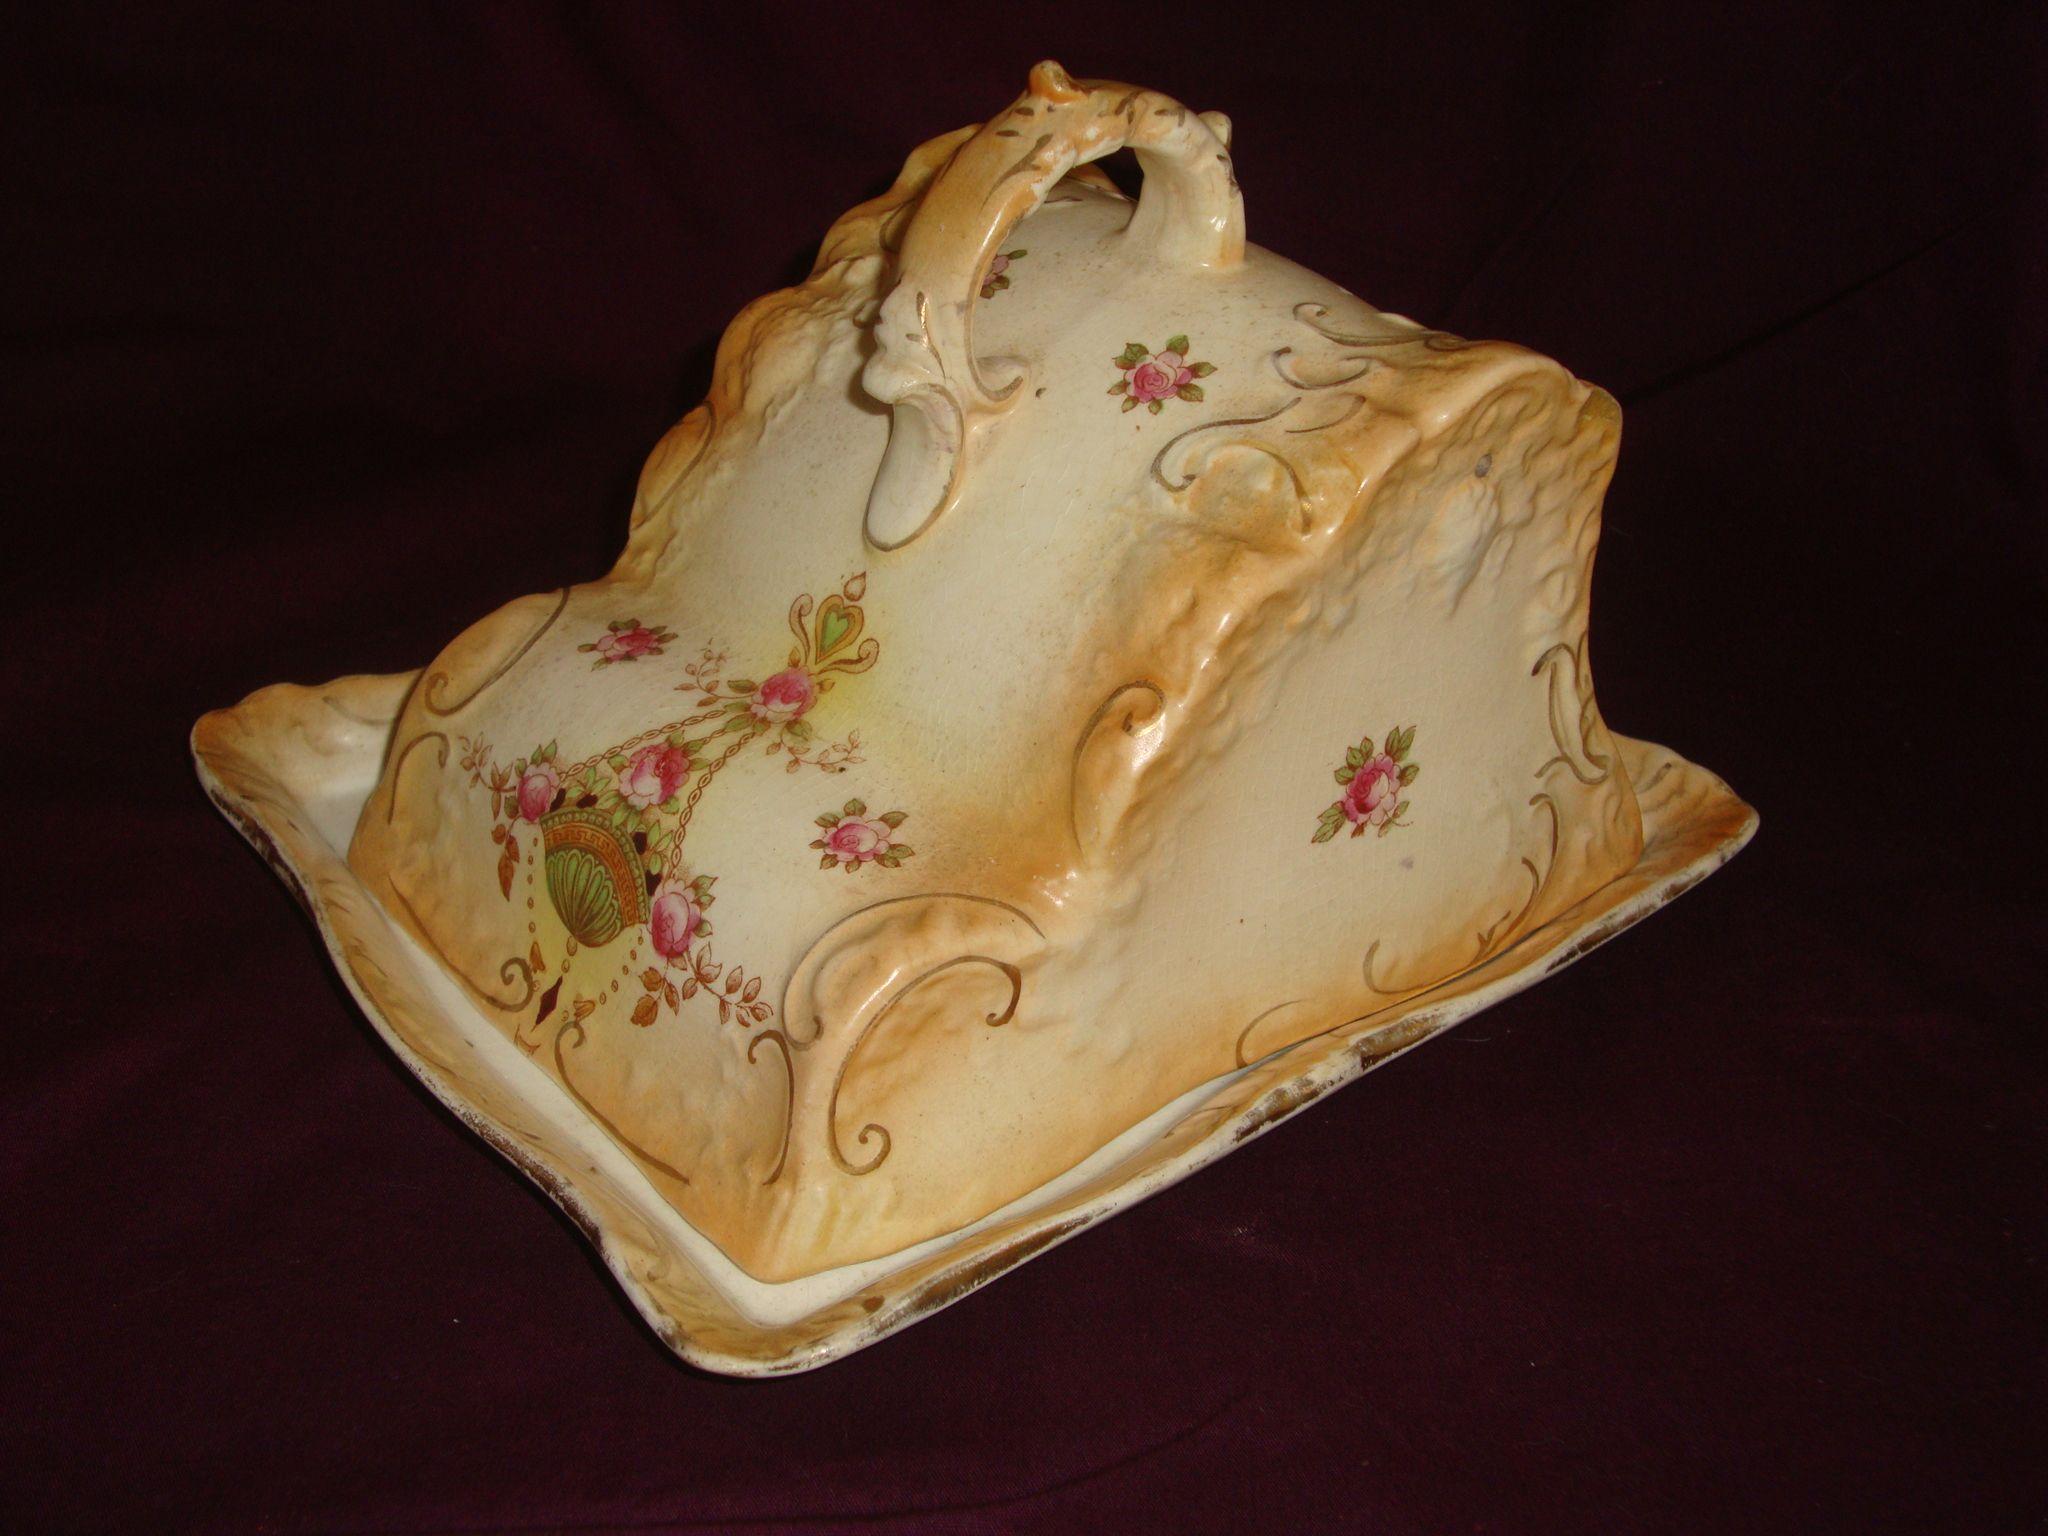 Fieldings crown devon cheese dish etna pattern 1911